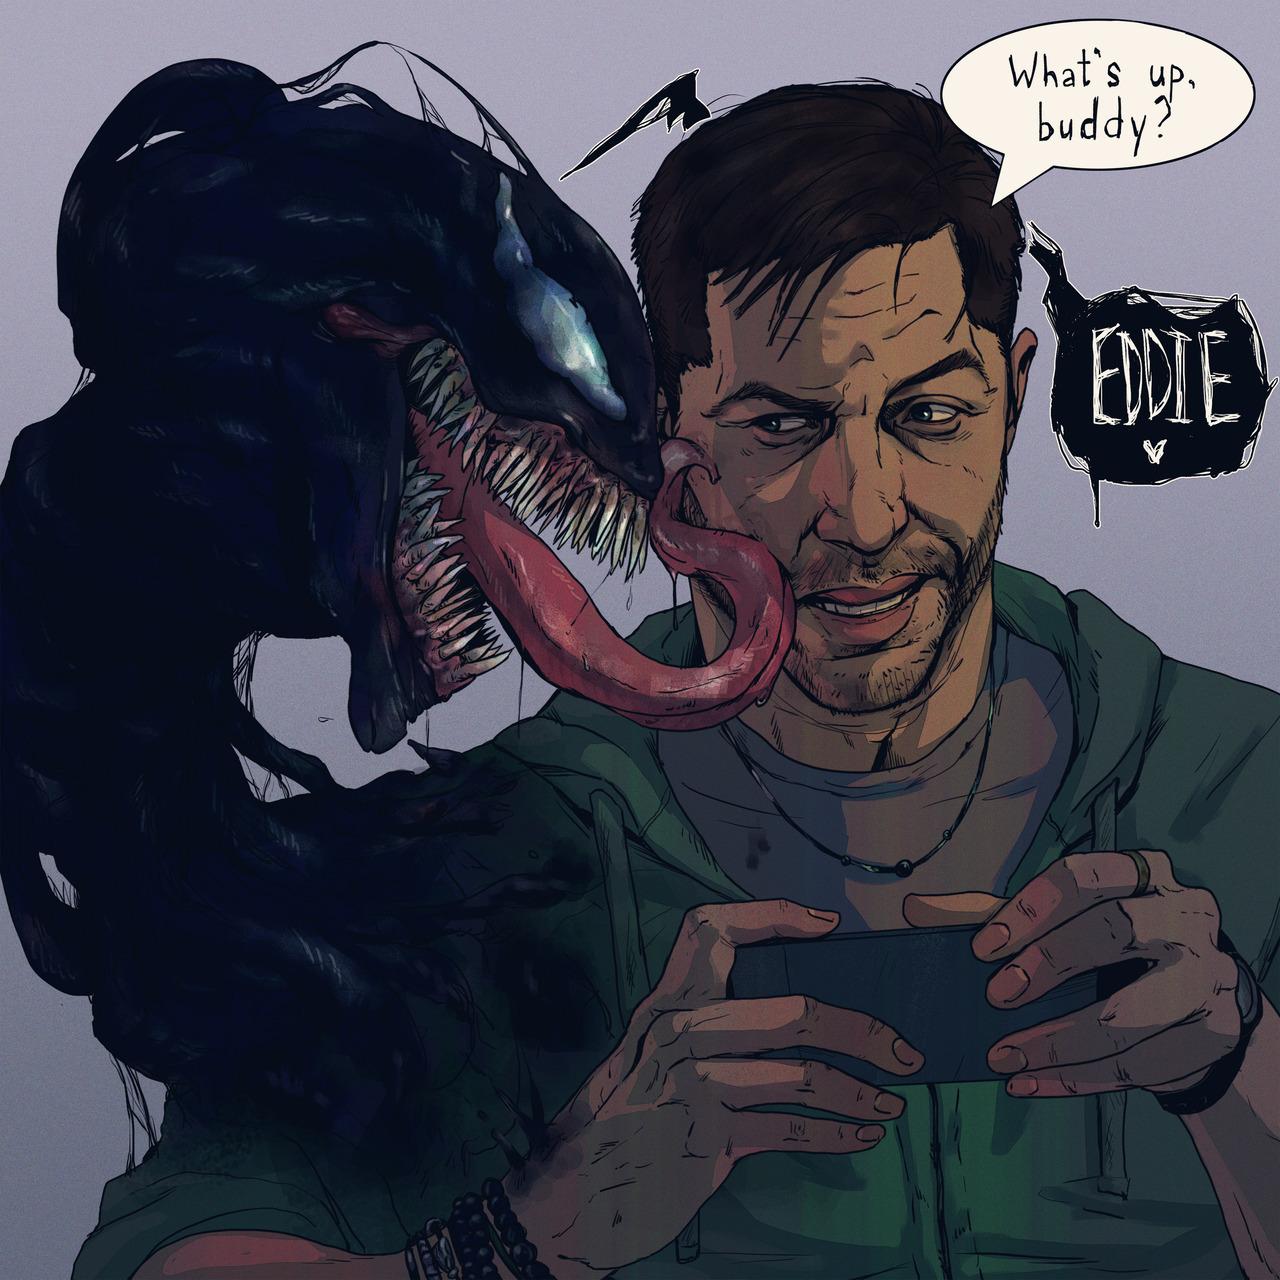 Veddie Venom X Eddie Images Venom X Eddie Hd Wallpaper And